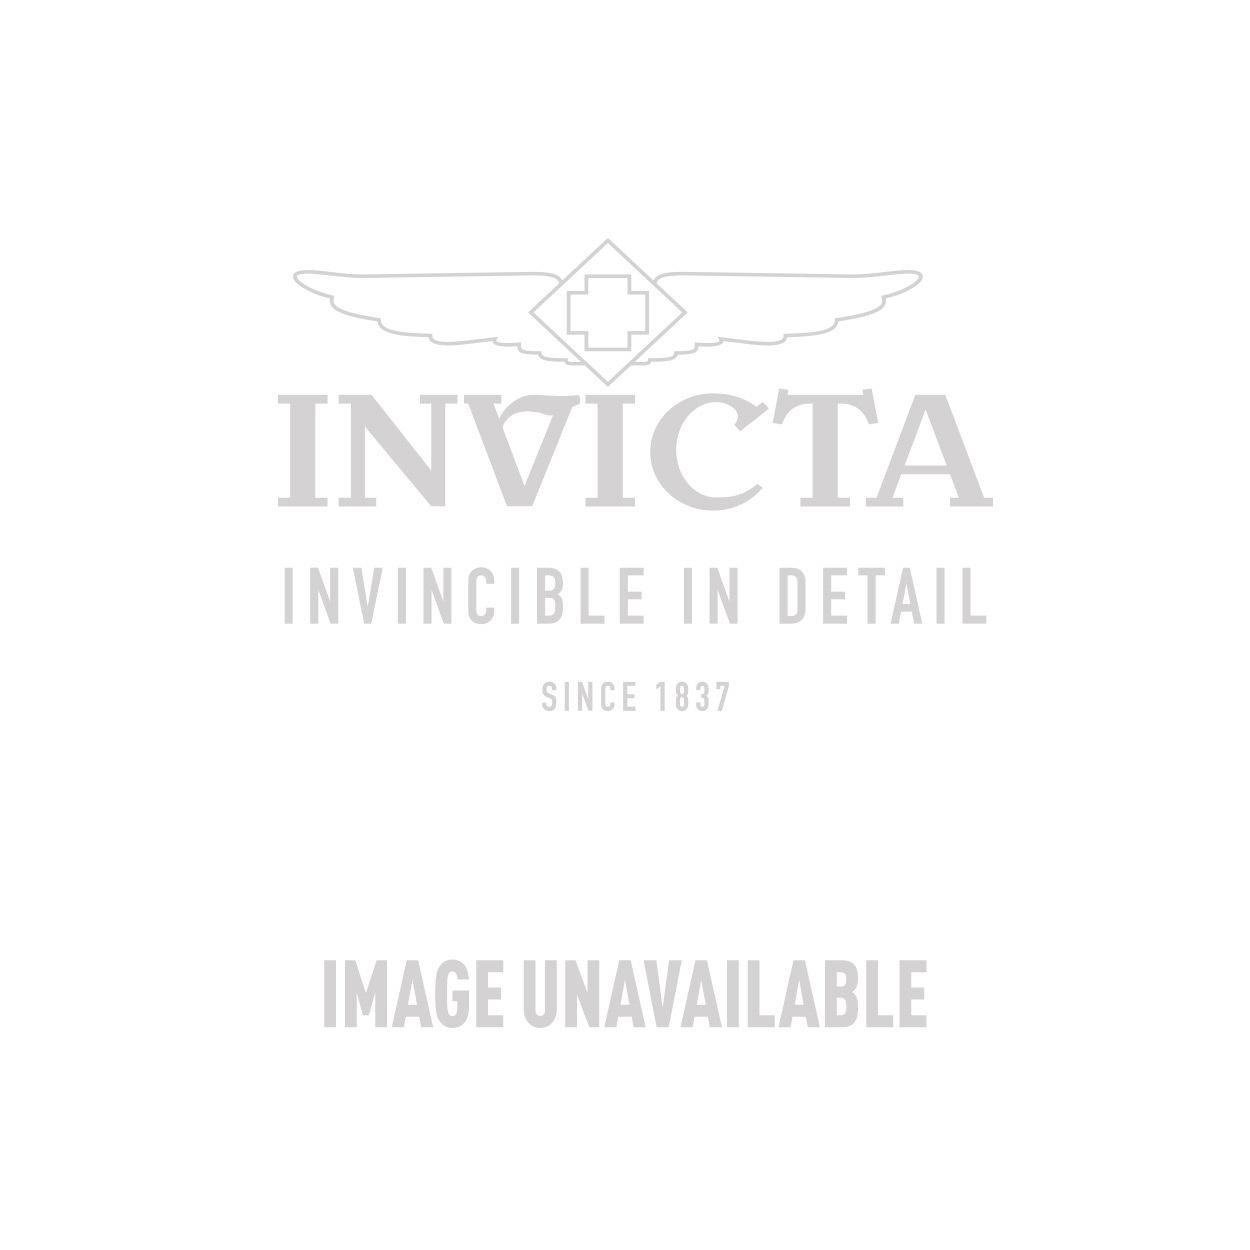 Invicta Model 23693